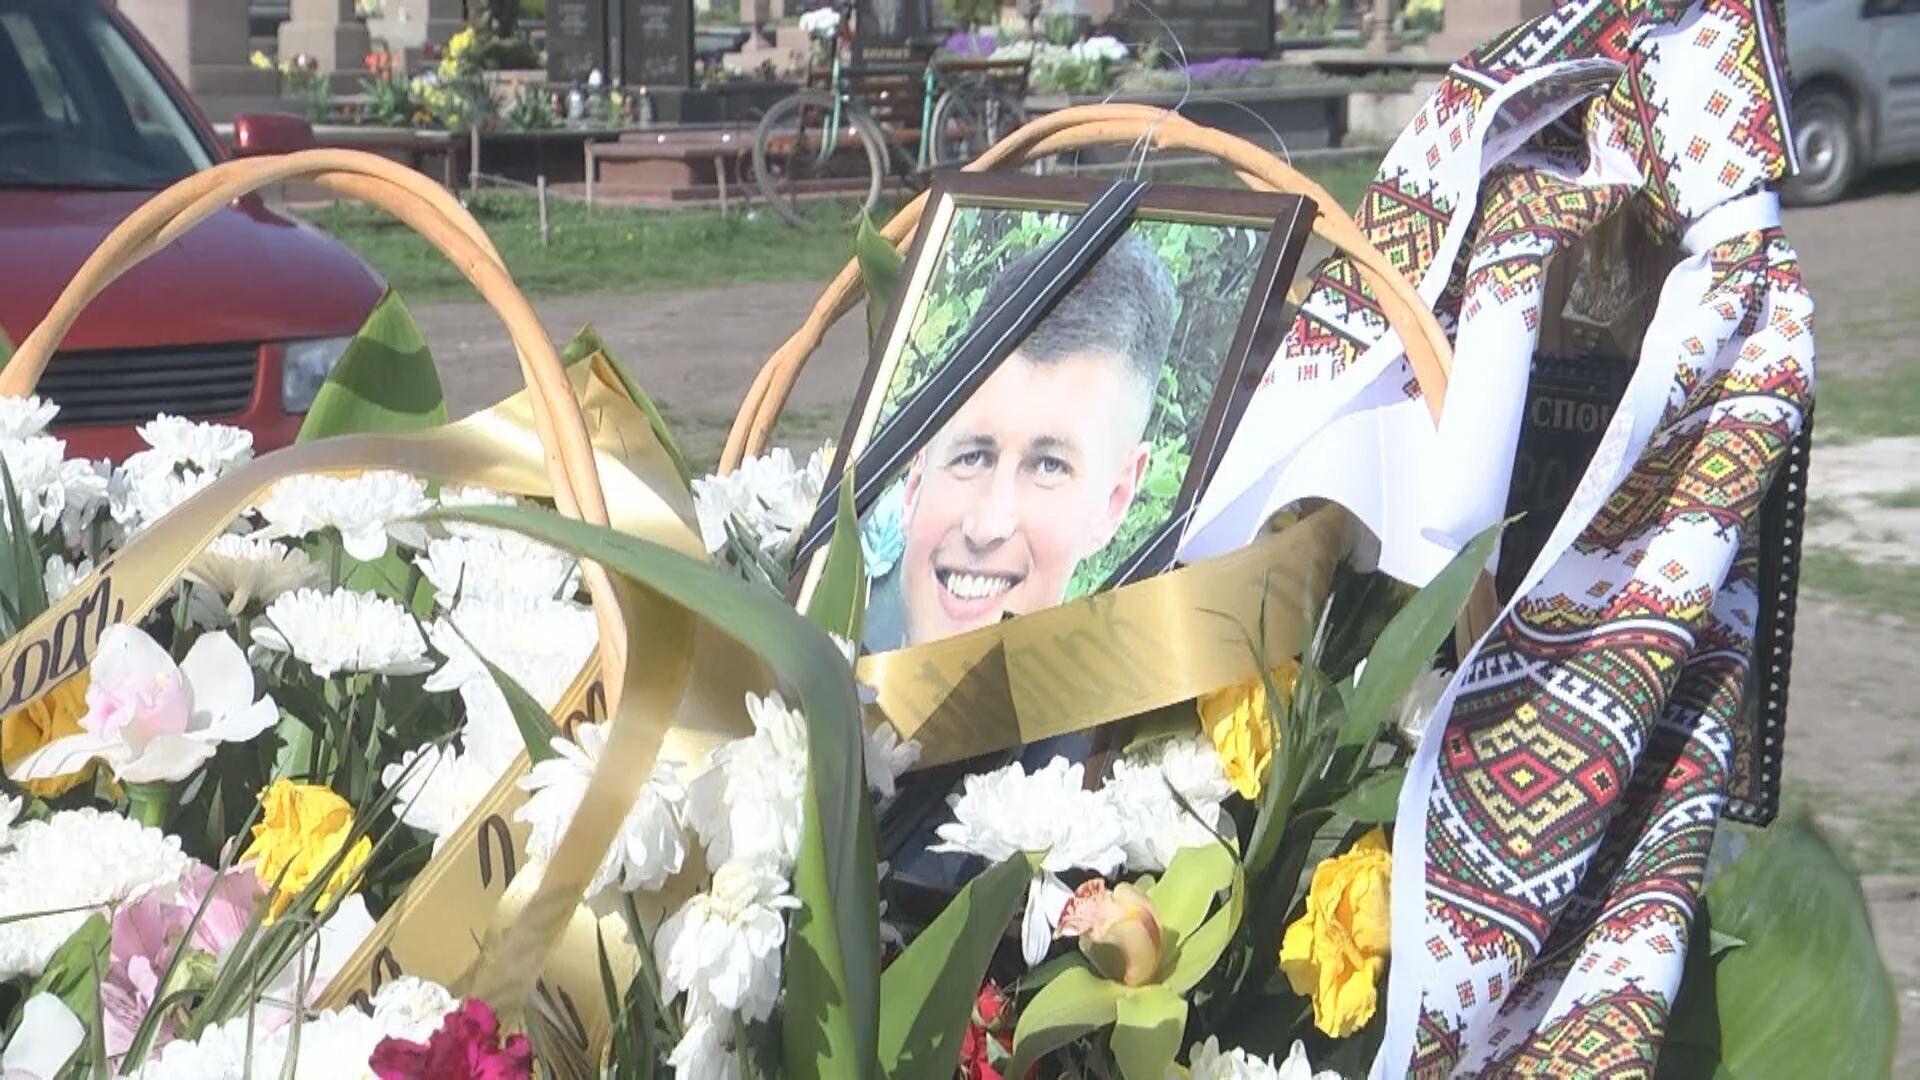 23-річного Володимира Воробця поховали 6 травня у рідному селі Іванівка на Тернопільщині